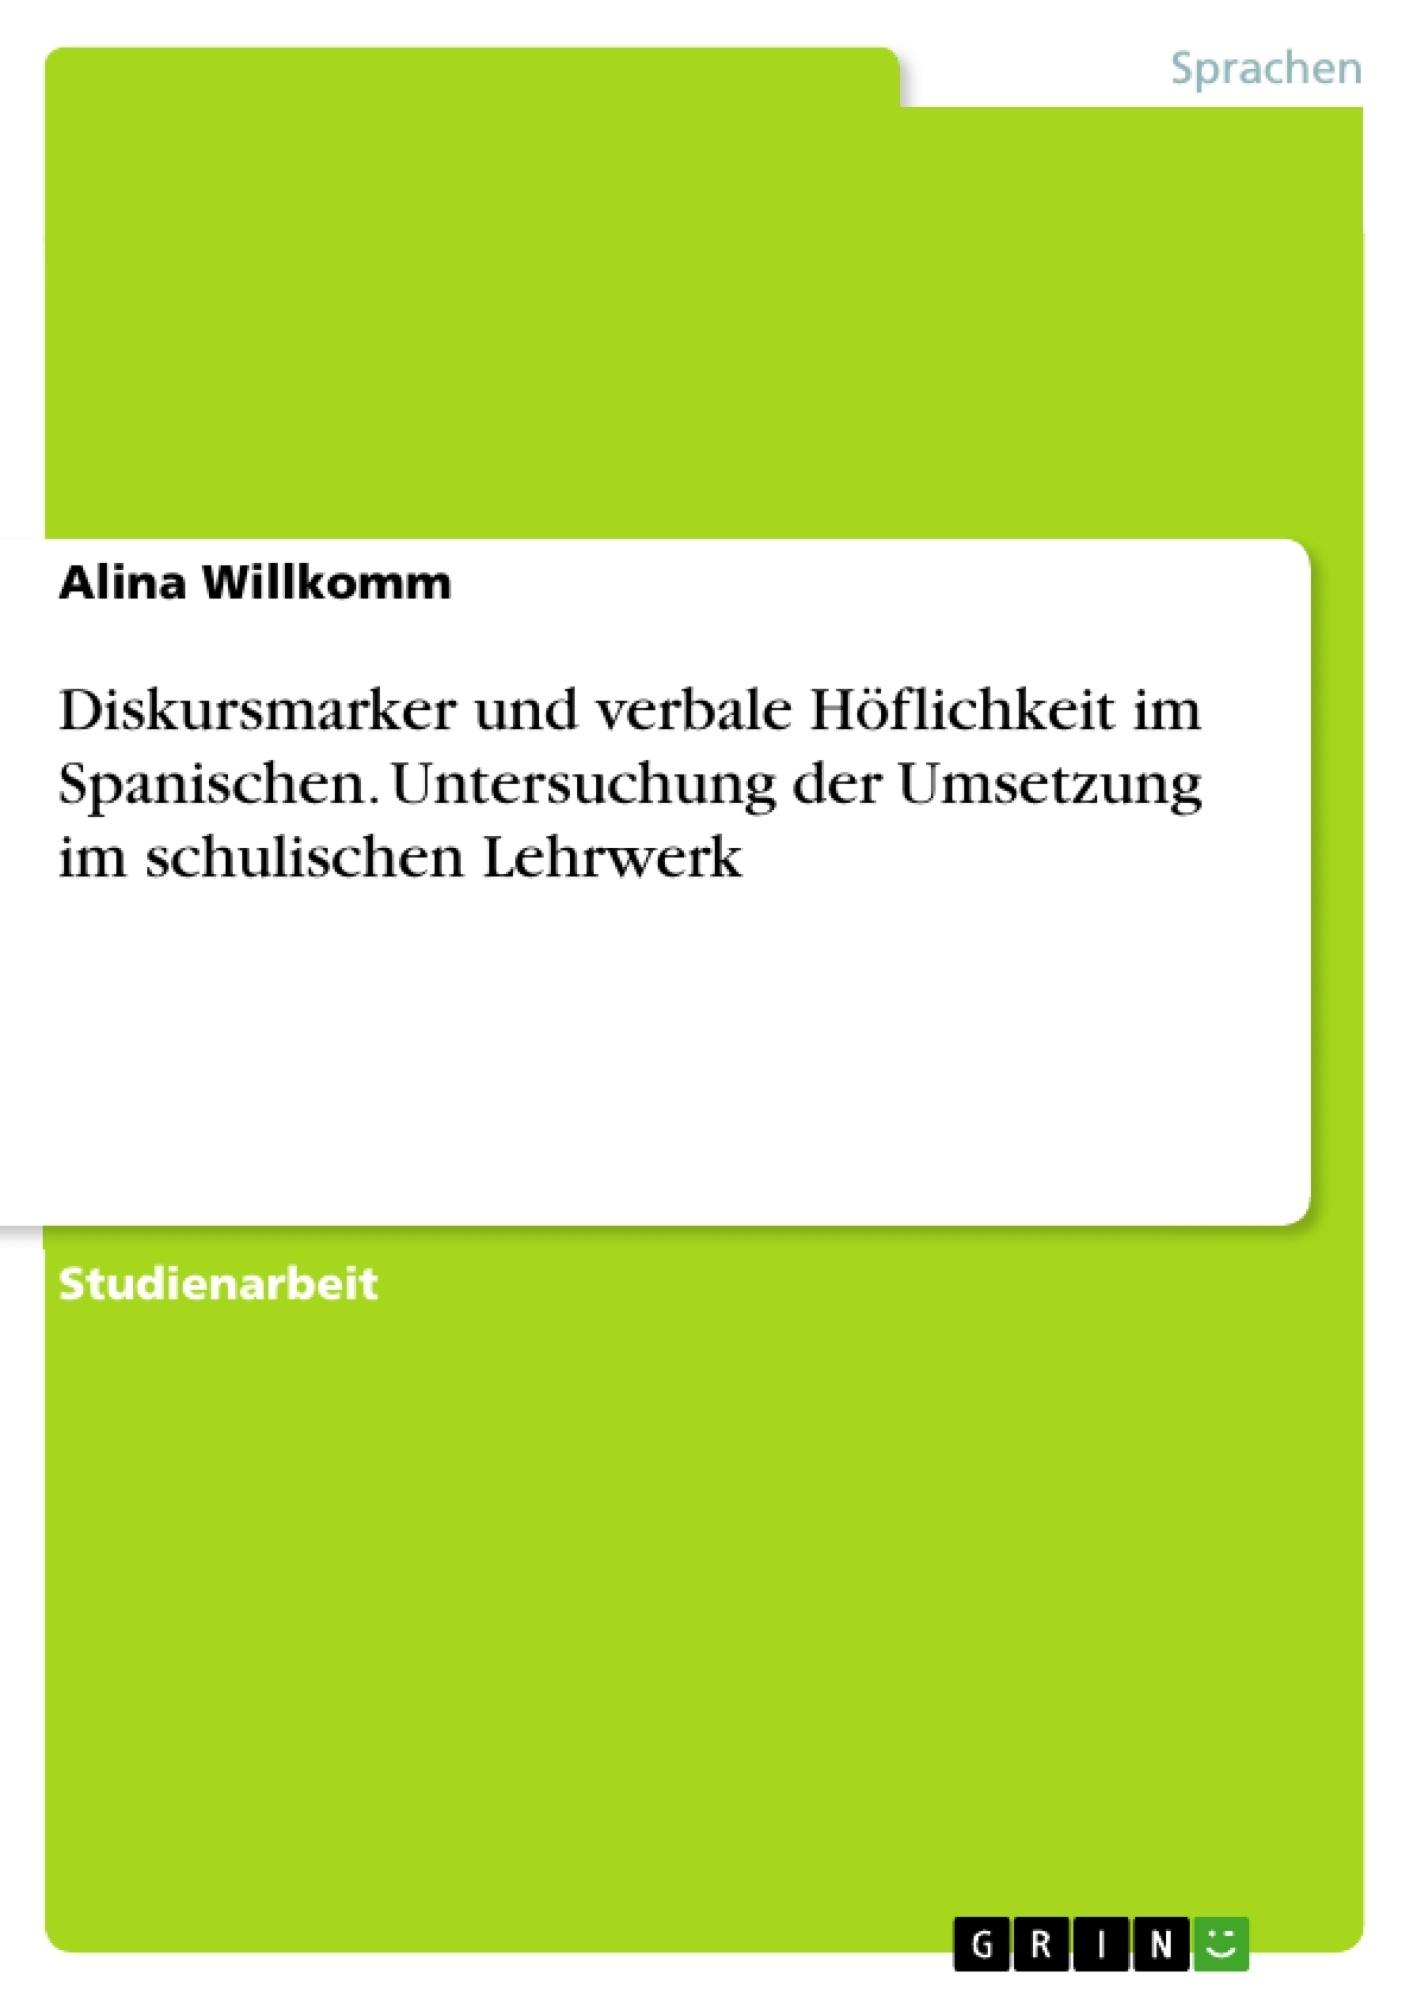 Titel: Diskursmarker und verbale Höflichkeit im Spanischen. Untersuchung der Umsetzung im schulischen Lehrwerk